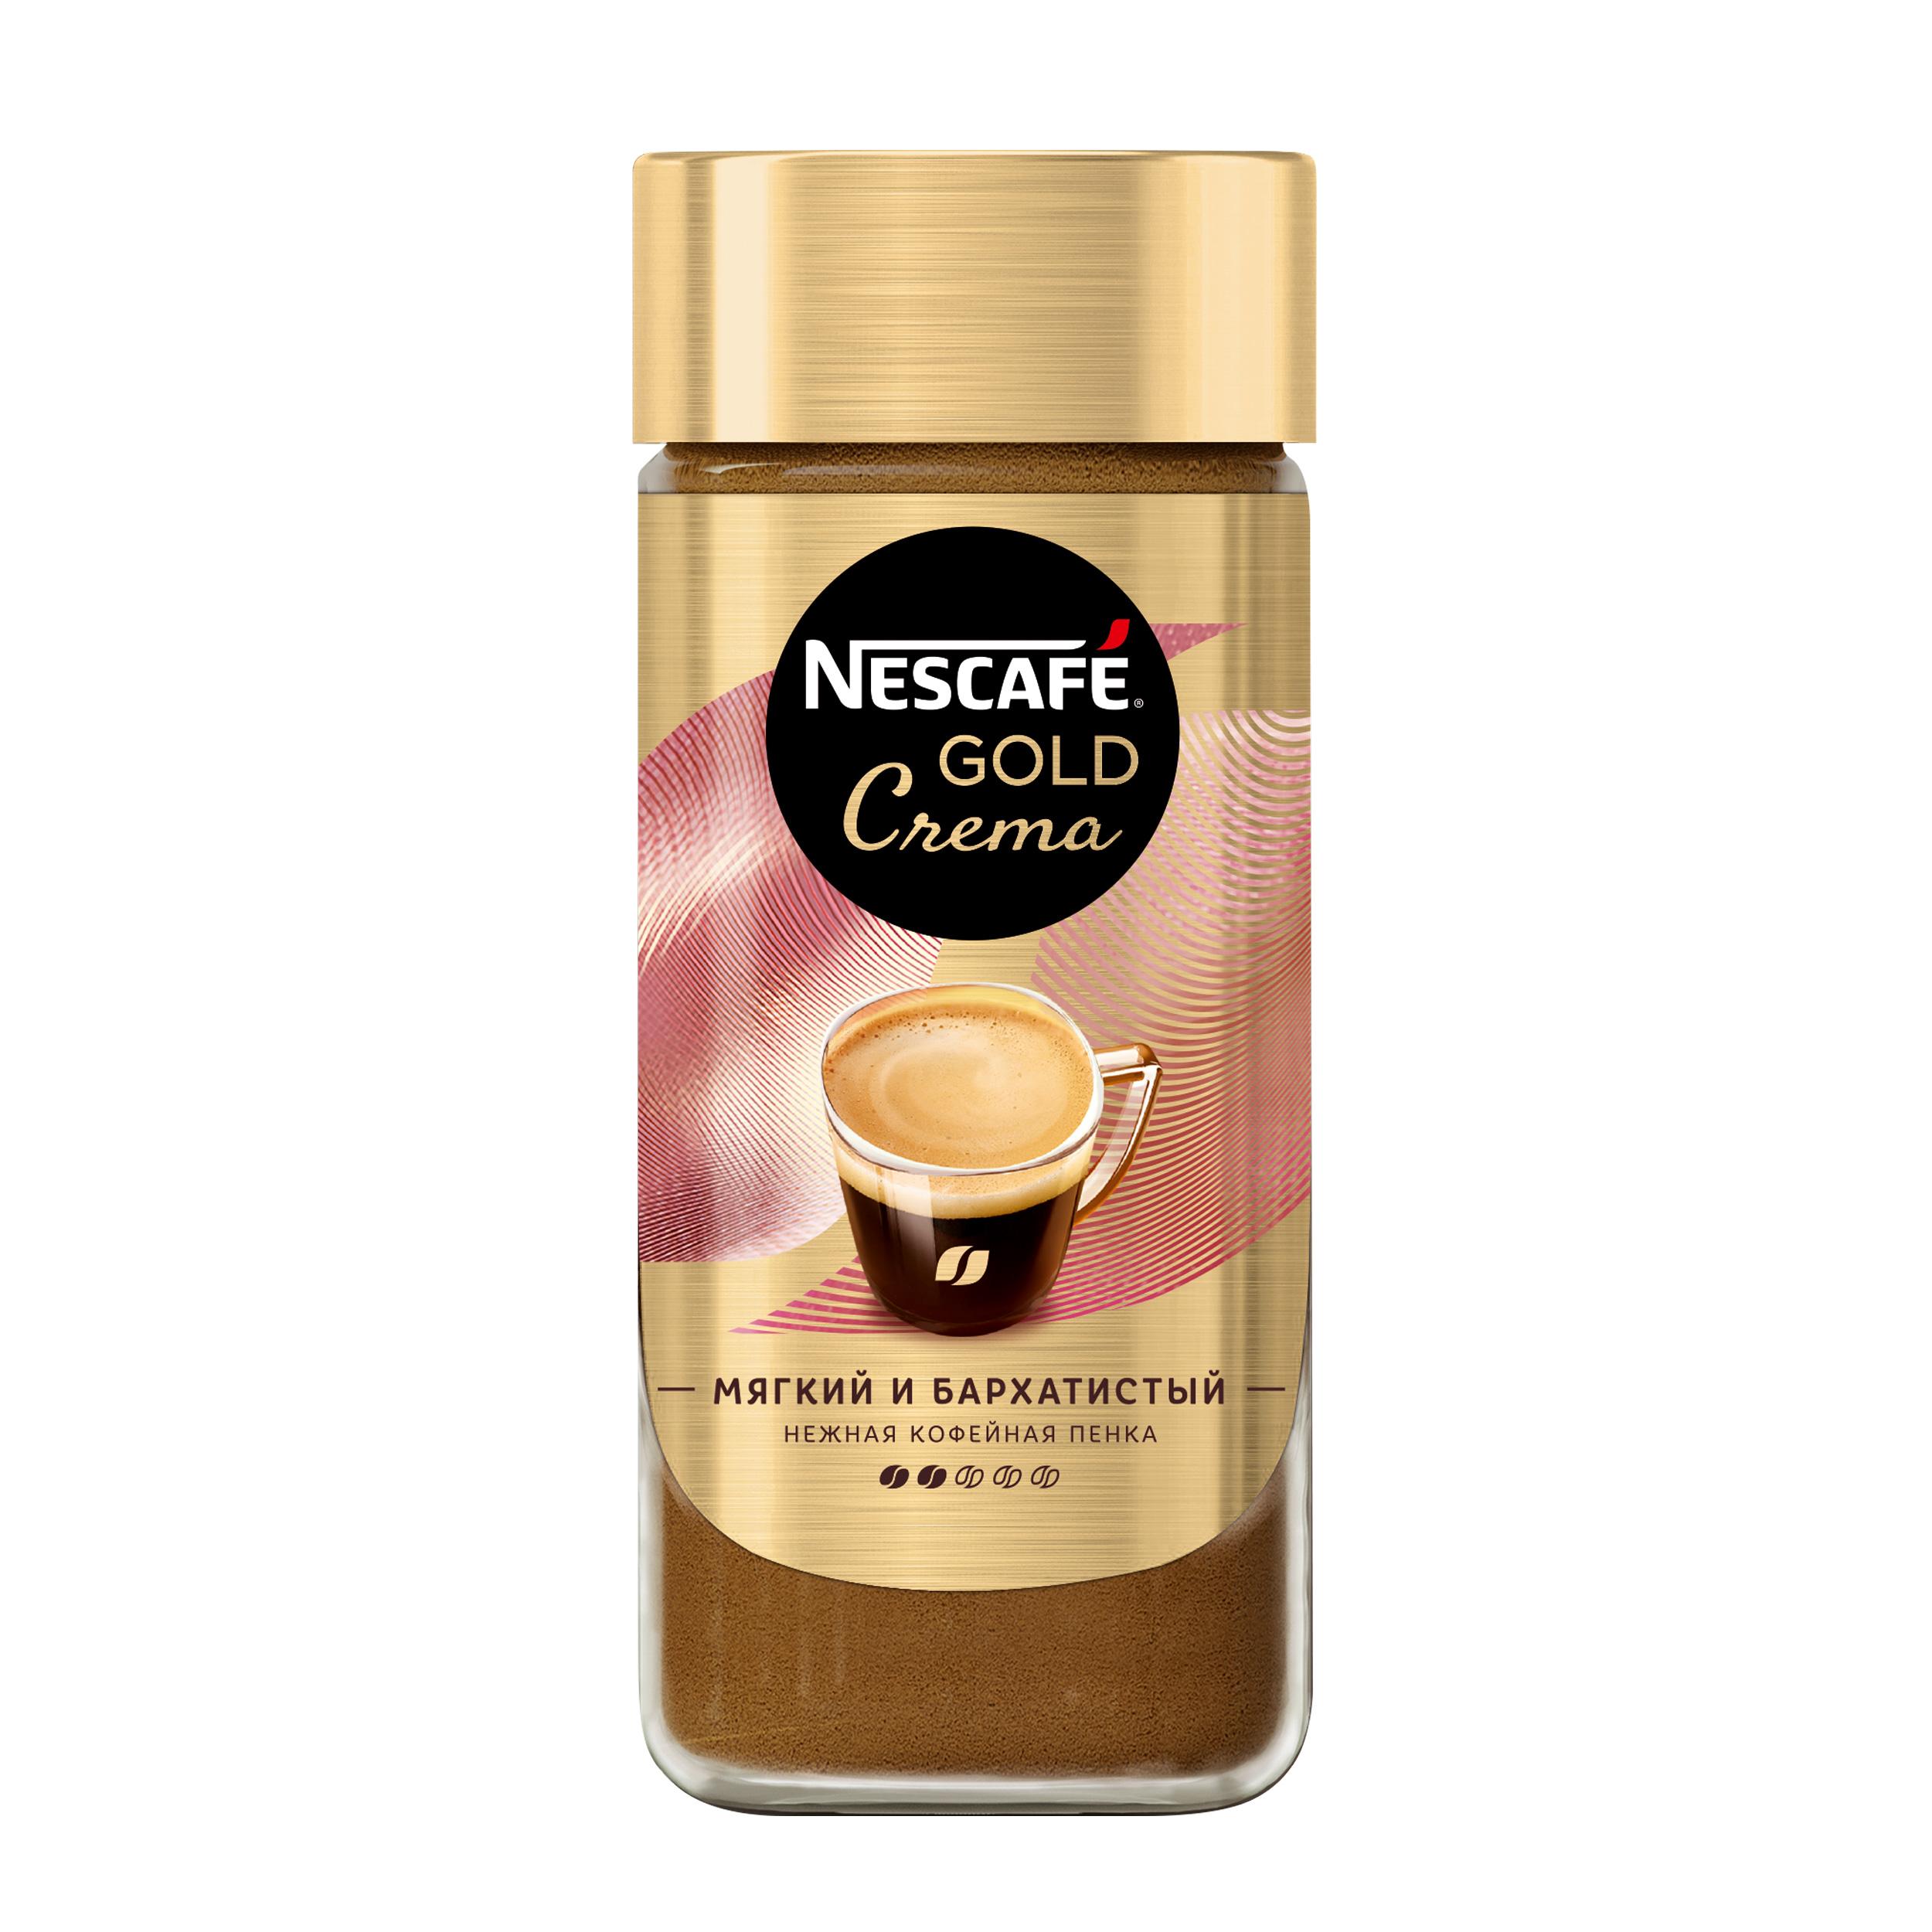 Кофе растворимый Nescafe gold crema стеклянная банка 95 г фото